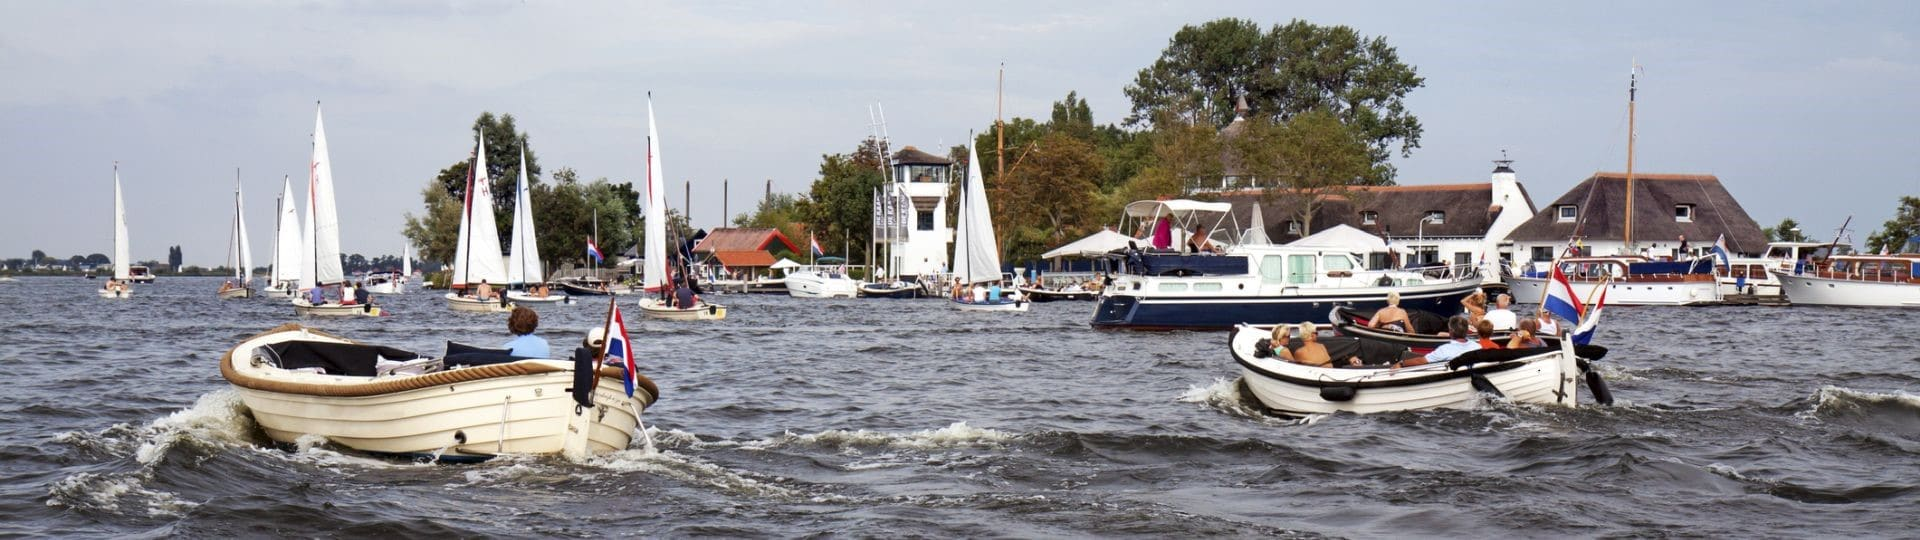 alles voor je boot bestel je makkelijk en snel op onze watersport webshop.